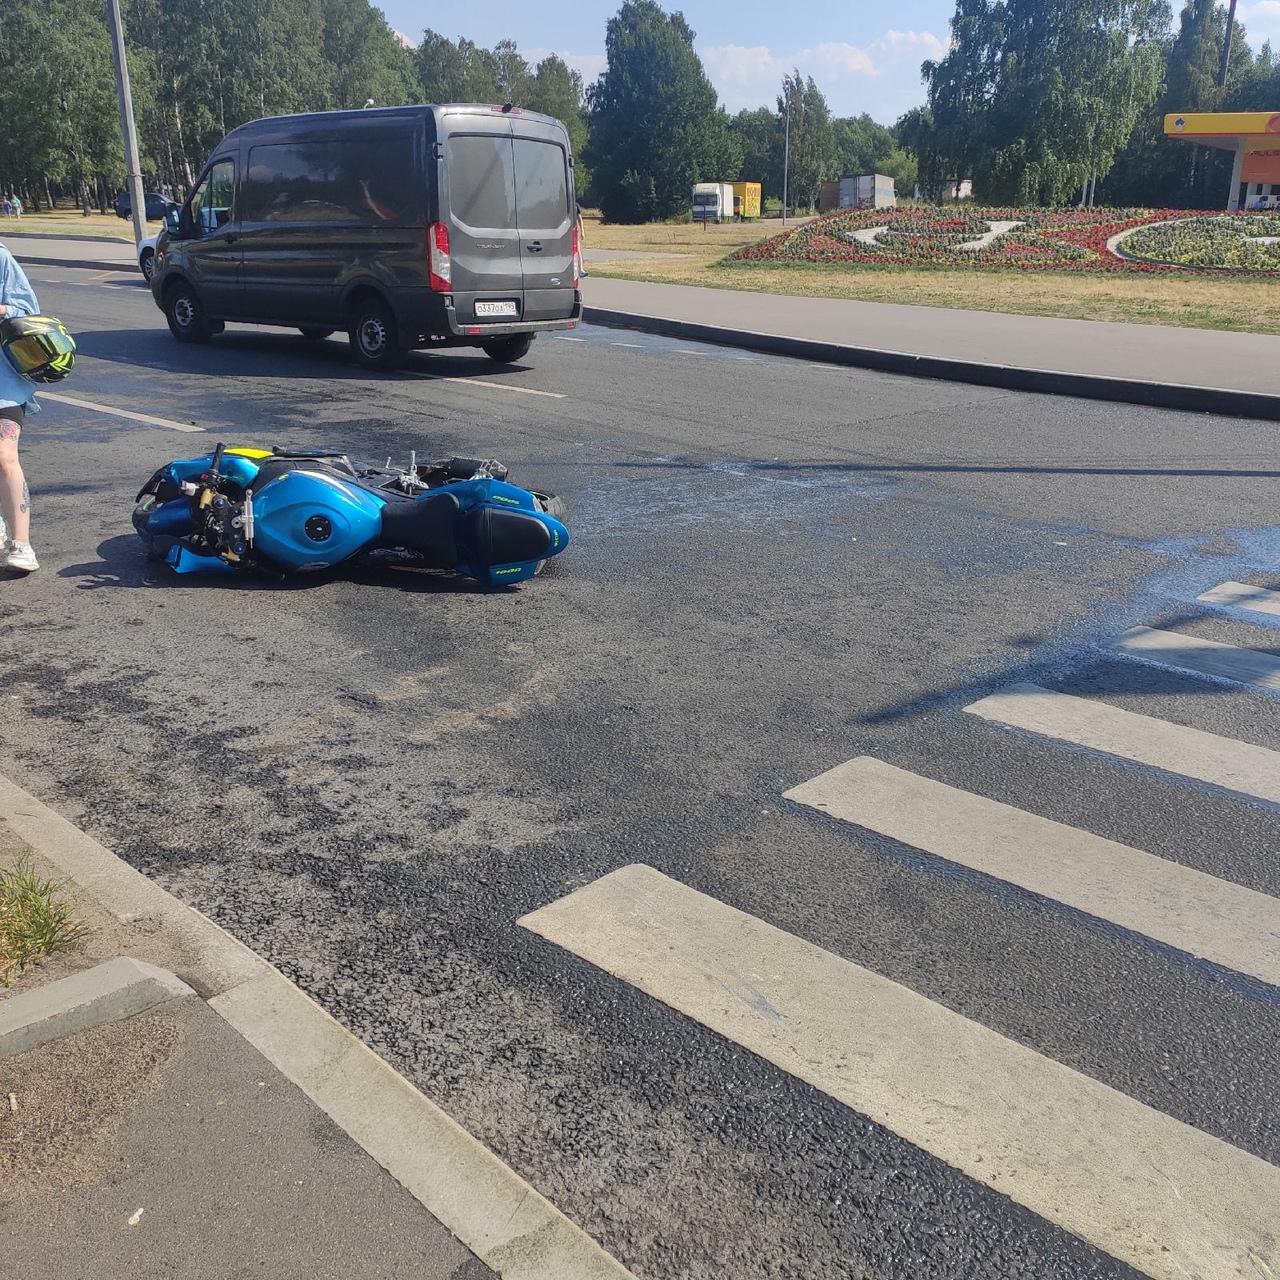 На Непокоренных разложился мотоциклист, судя по всему его сбила Audi. Мотоциклист в больнице, говор...